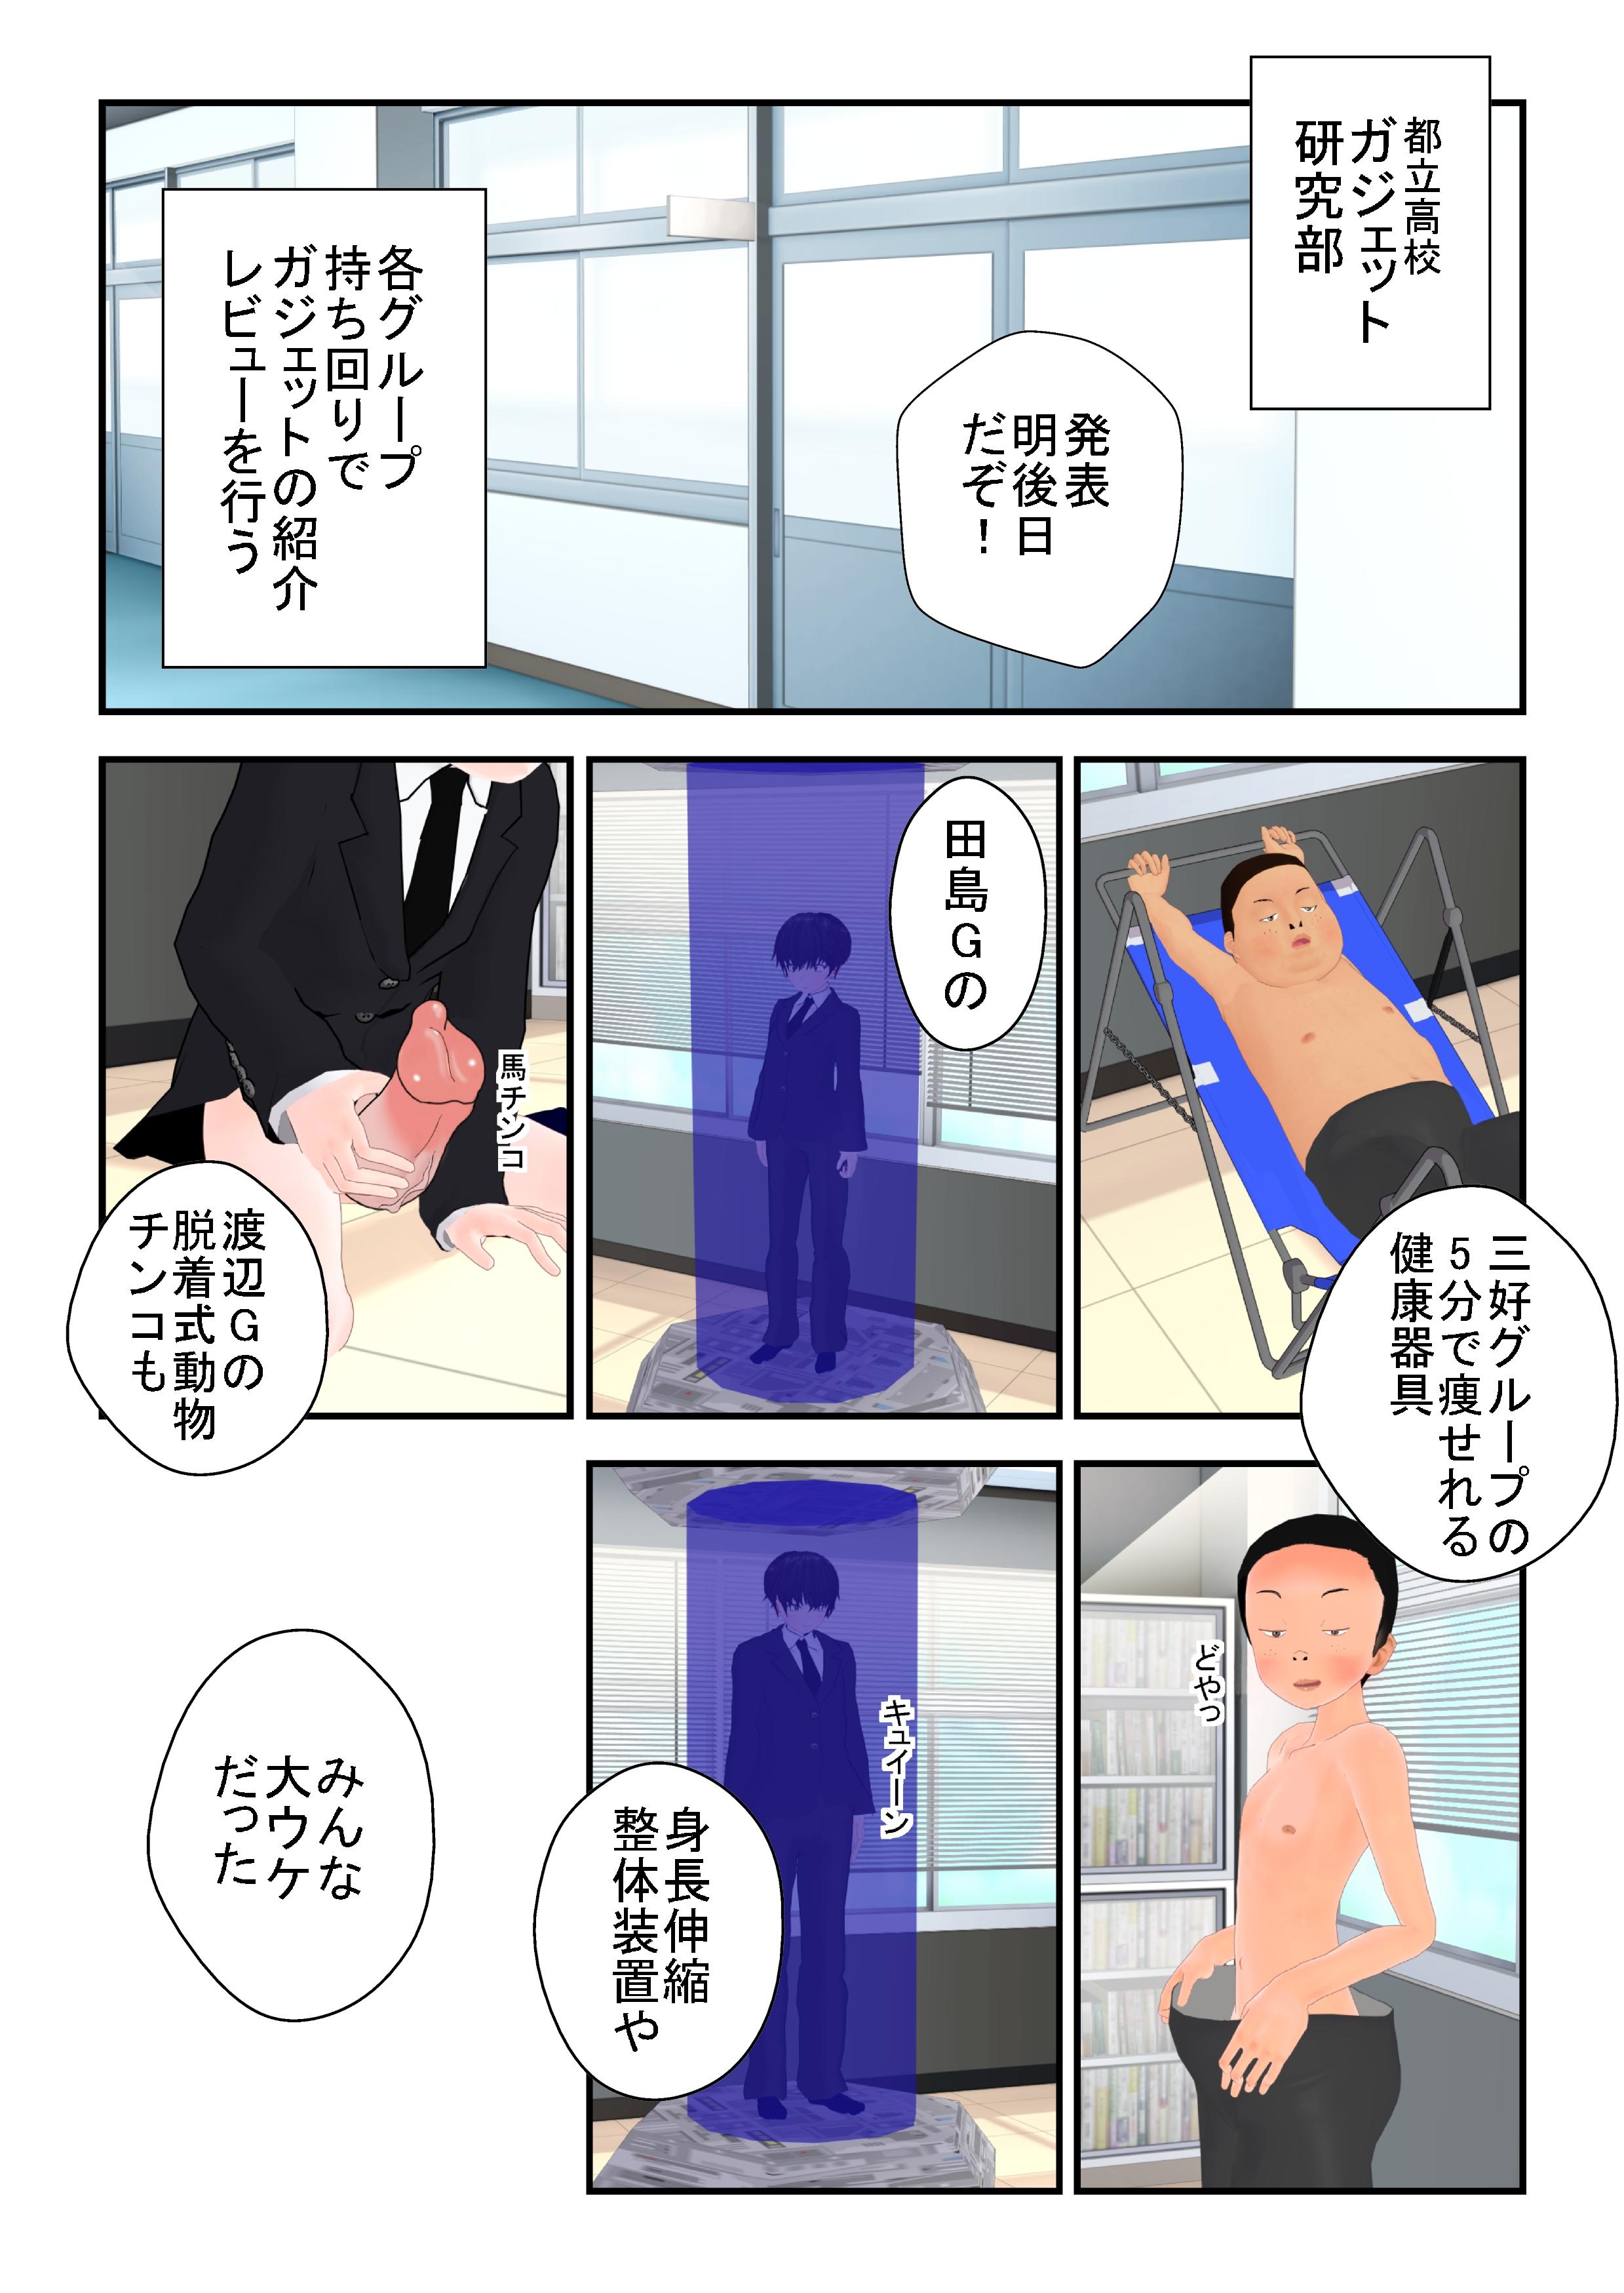 kimochi_0001_4.jpg